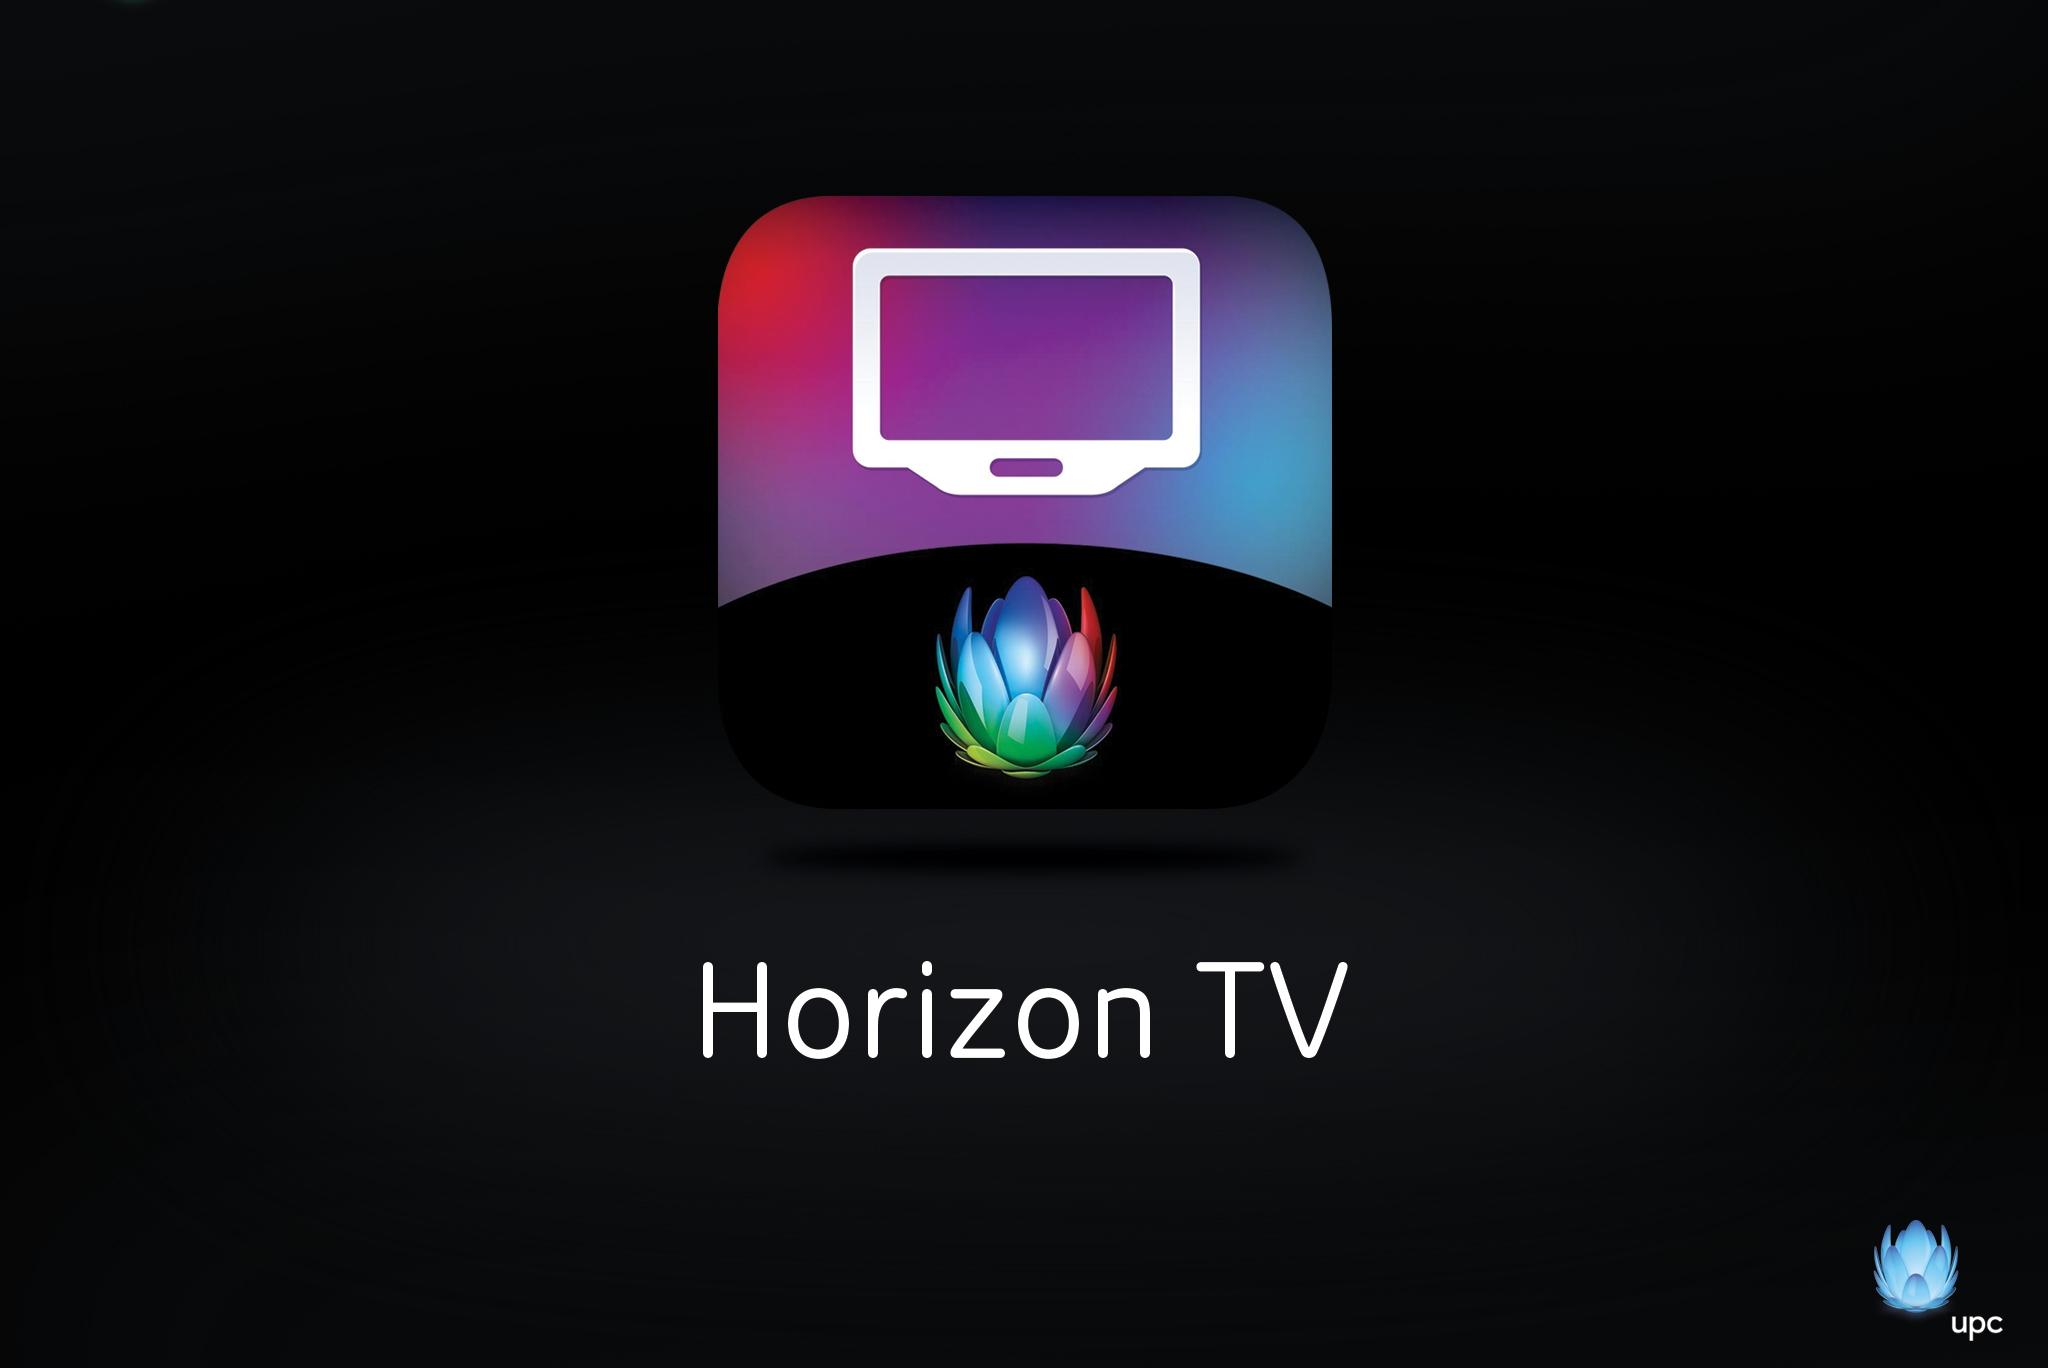 Tak kompleksowym rozwiązaniem jak Horizon TV od UPC nie może pochwalić się nikt inny